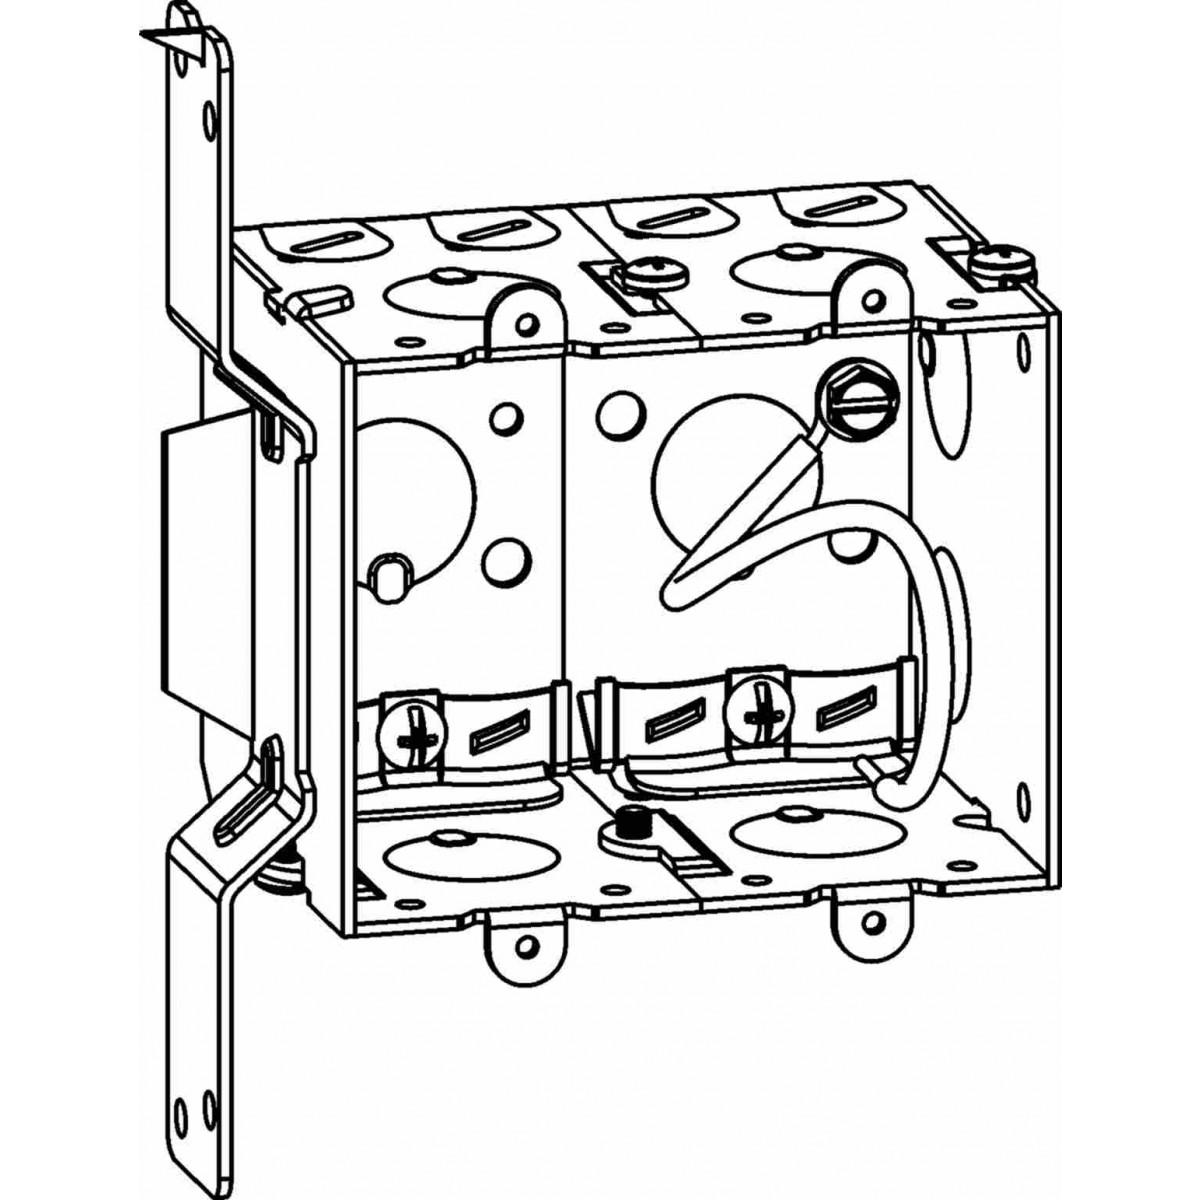 subaru fb 2 5 engine diagram